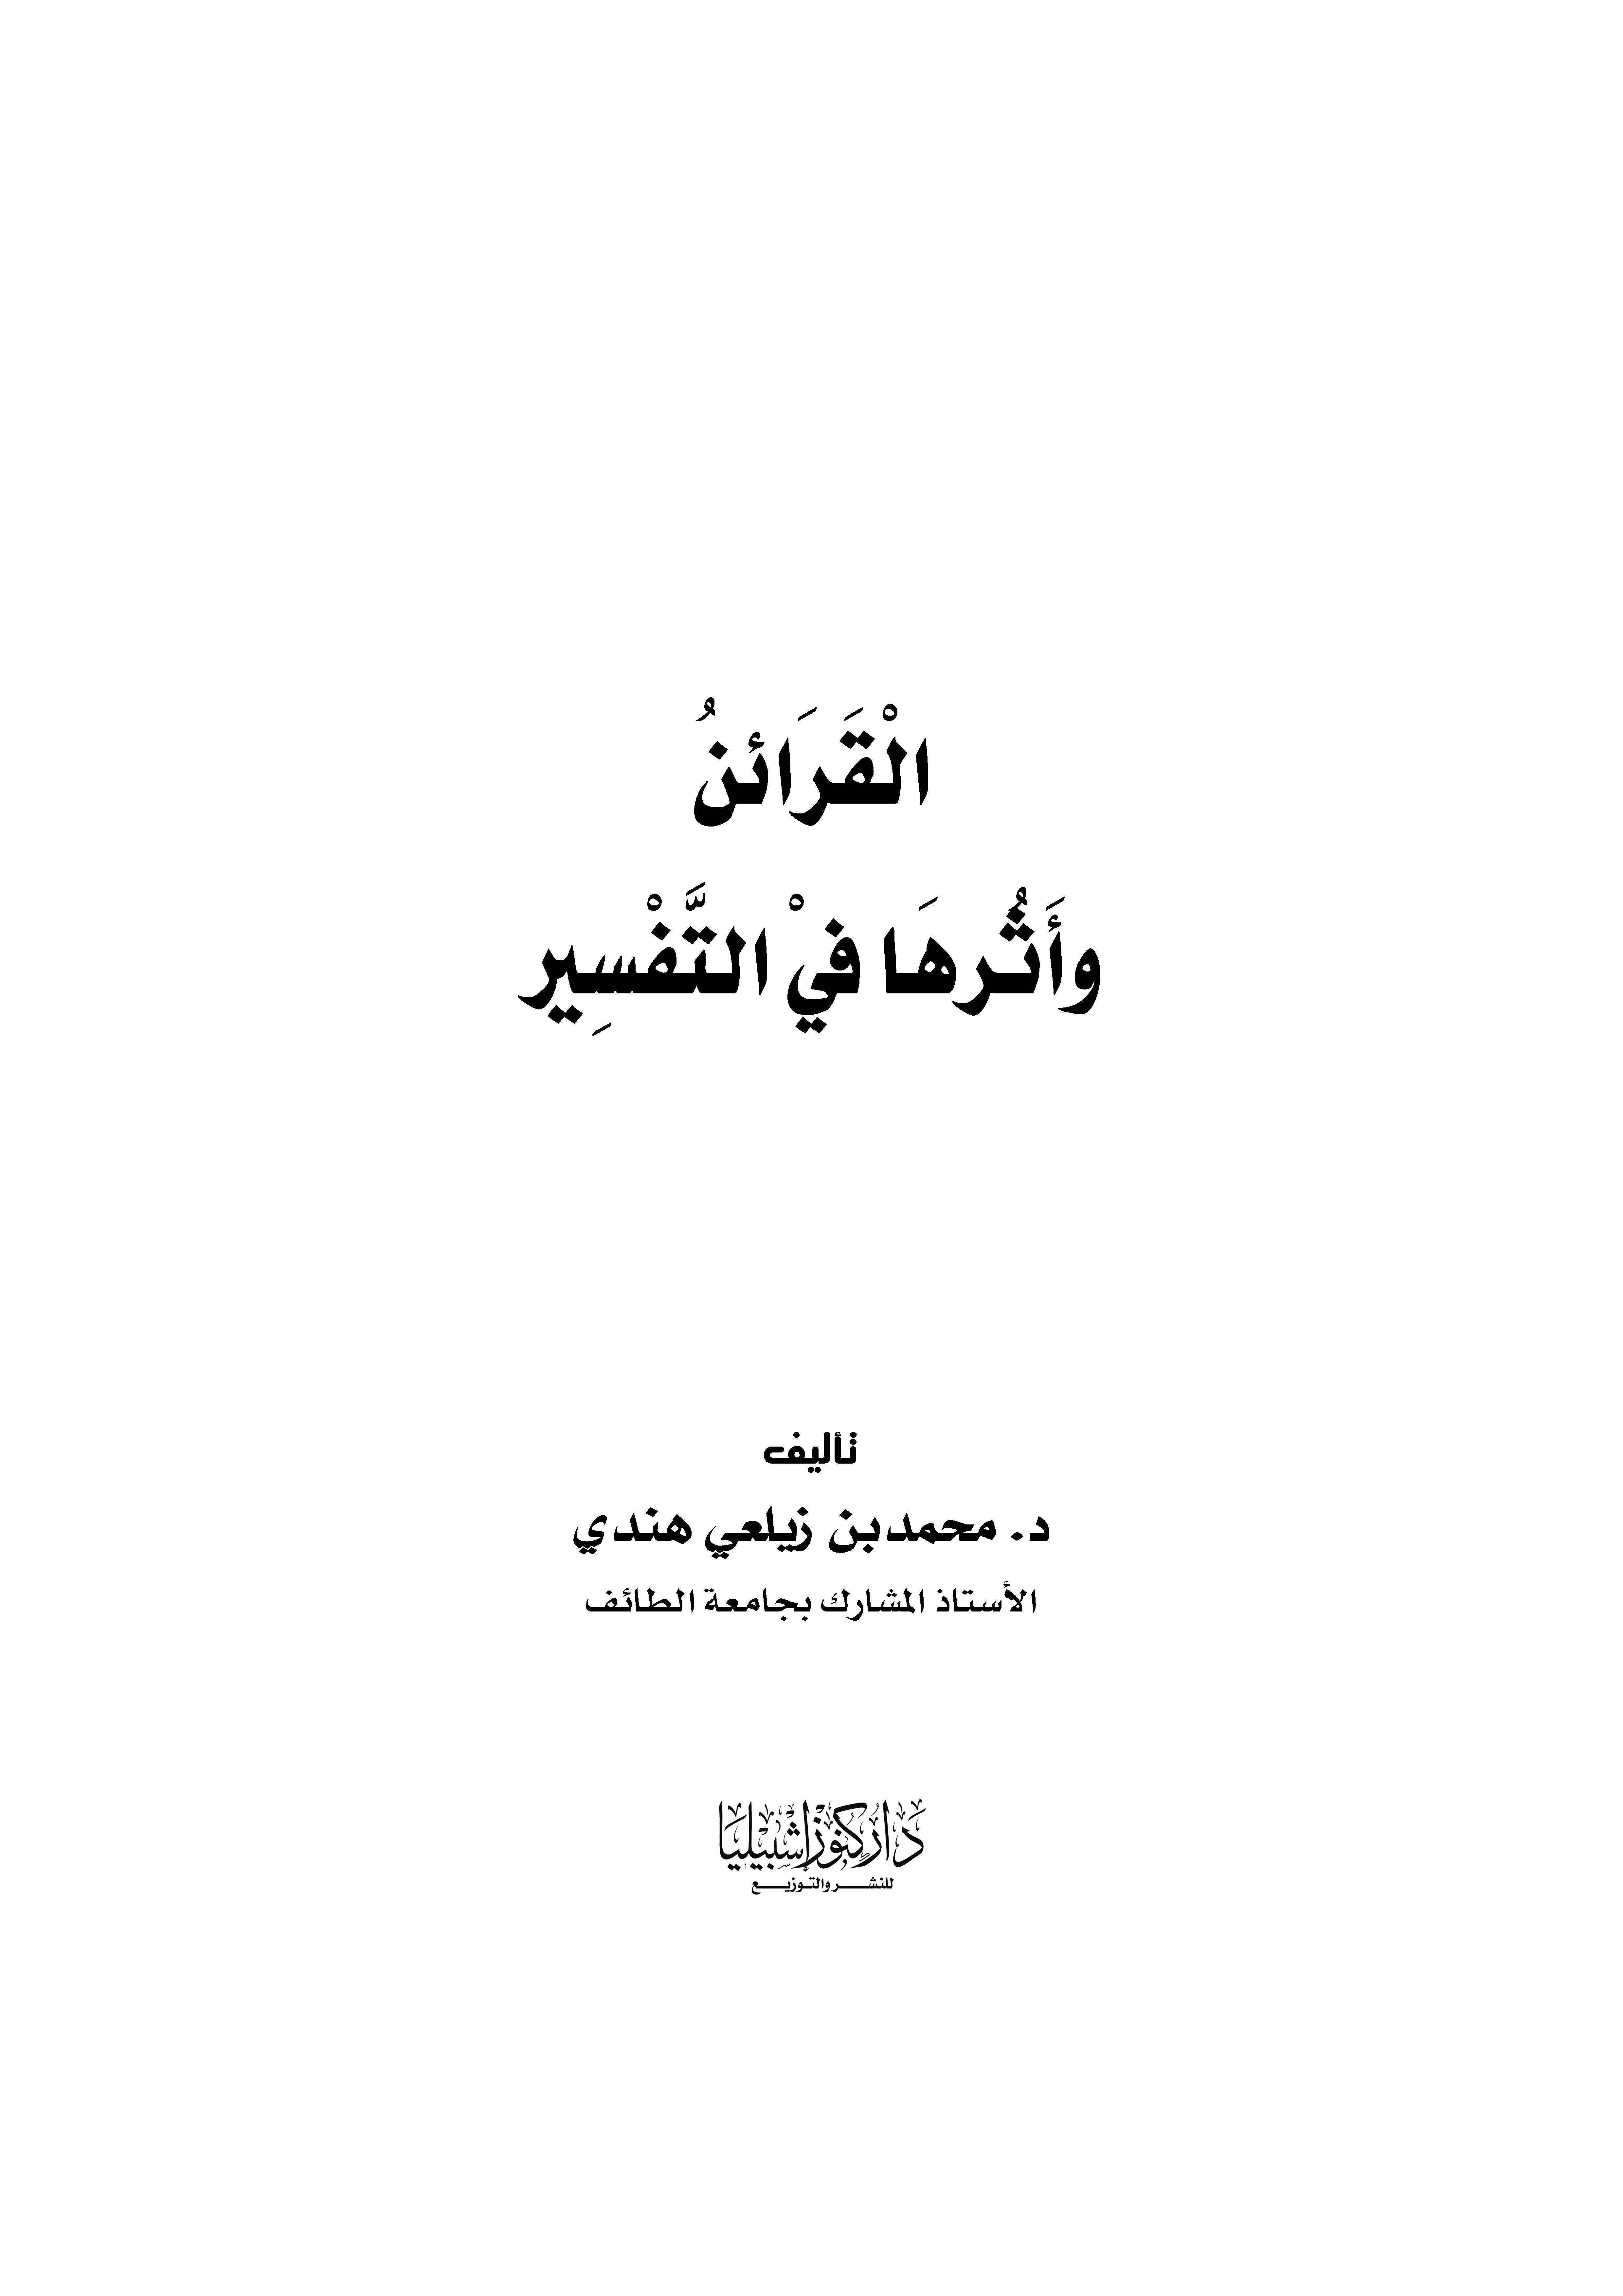 تحميل كتاب القرائن وأثرها في التفسير لـِ: الدكتور محمد بن زيلعي عبده هندي